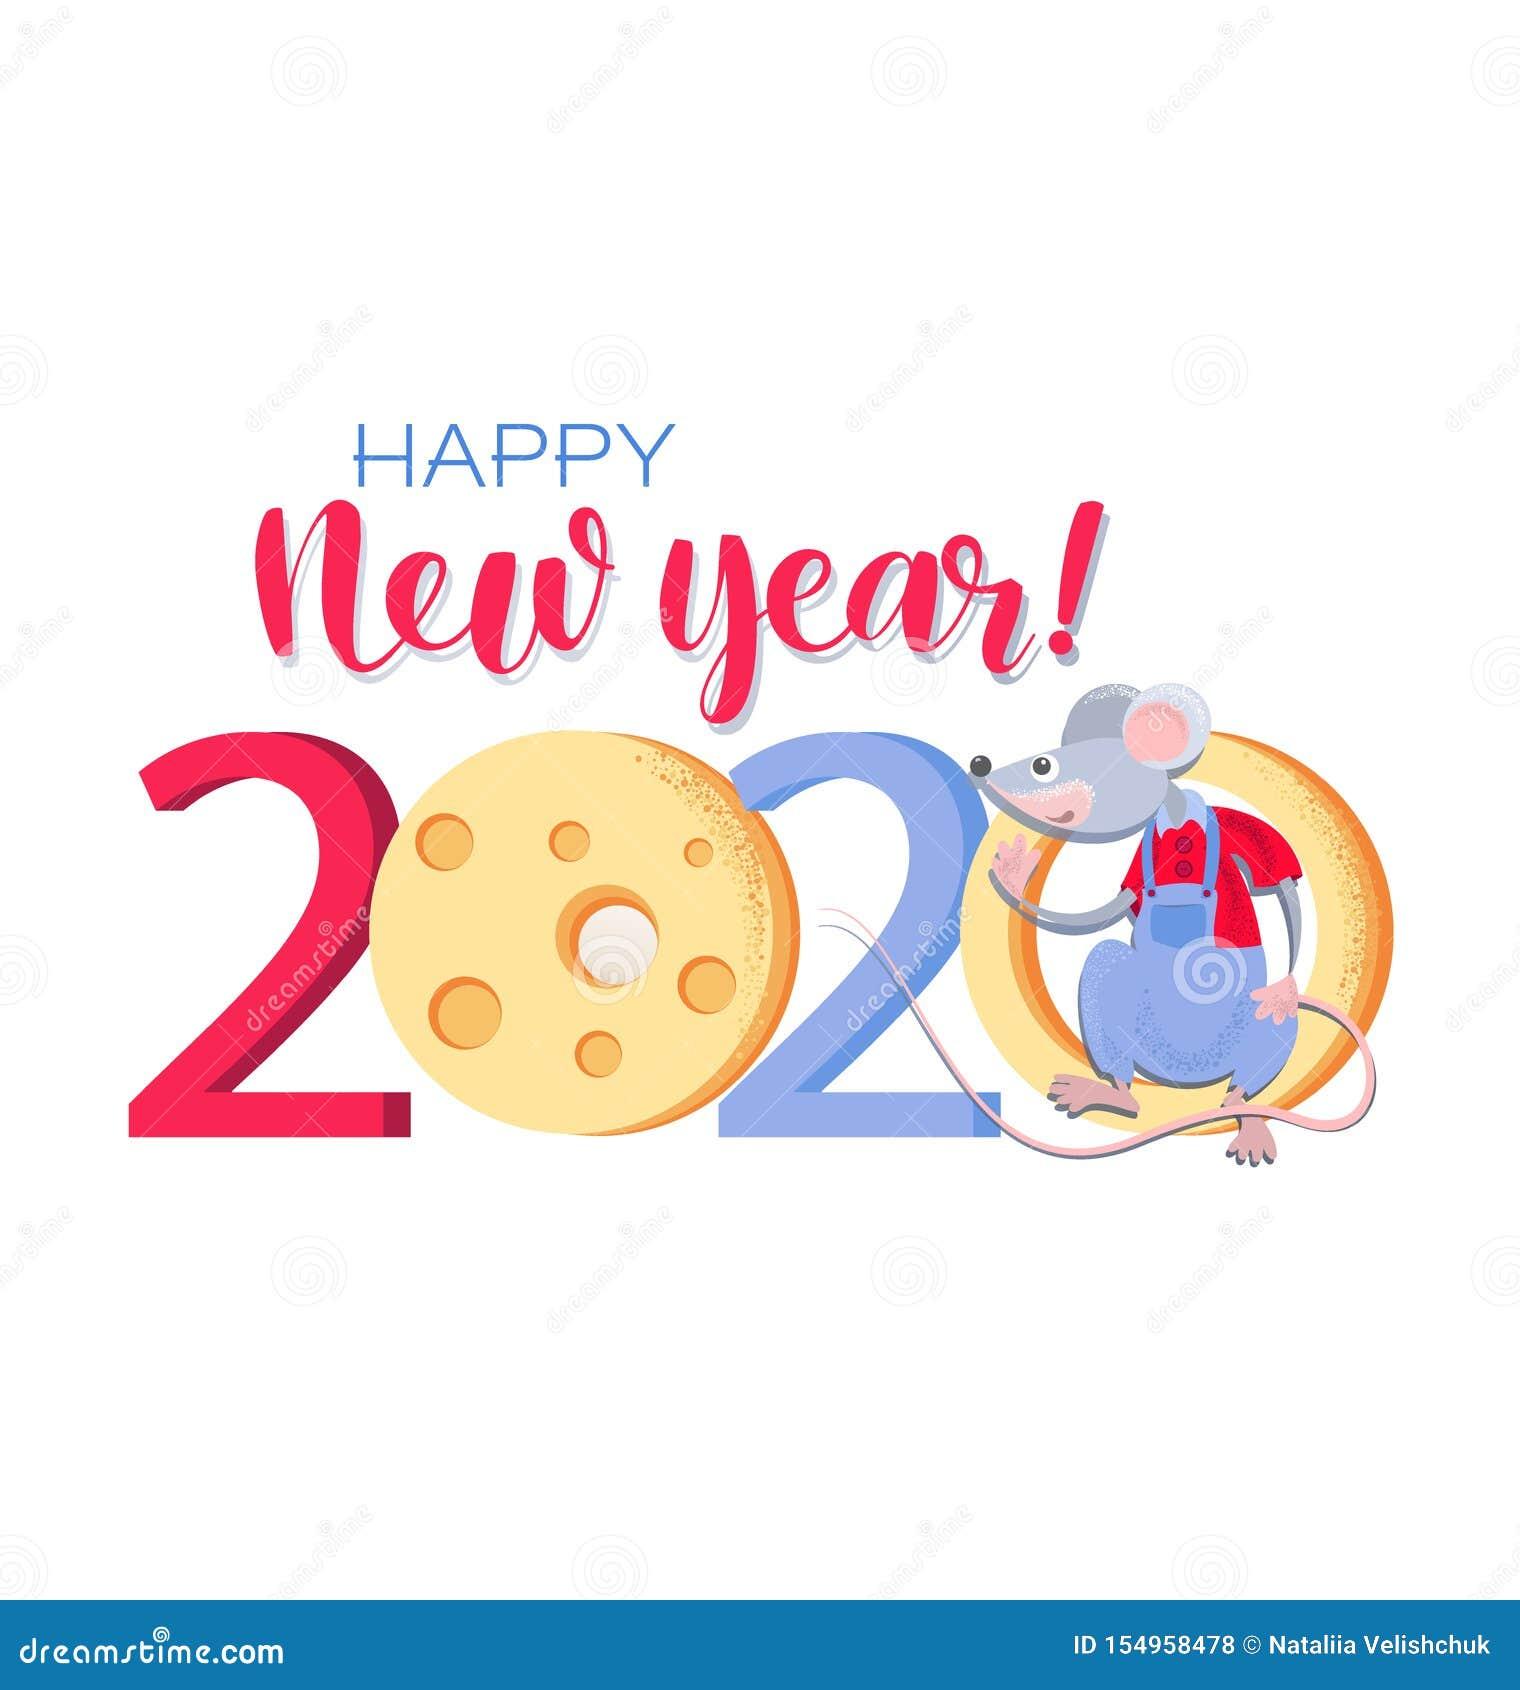 Happy New Year Cartoon 26